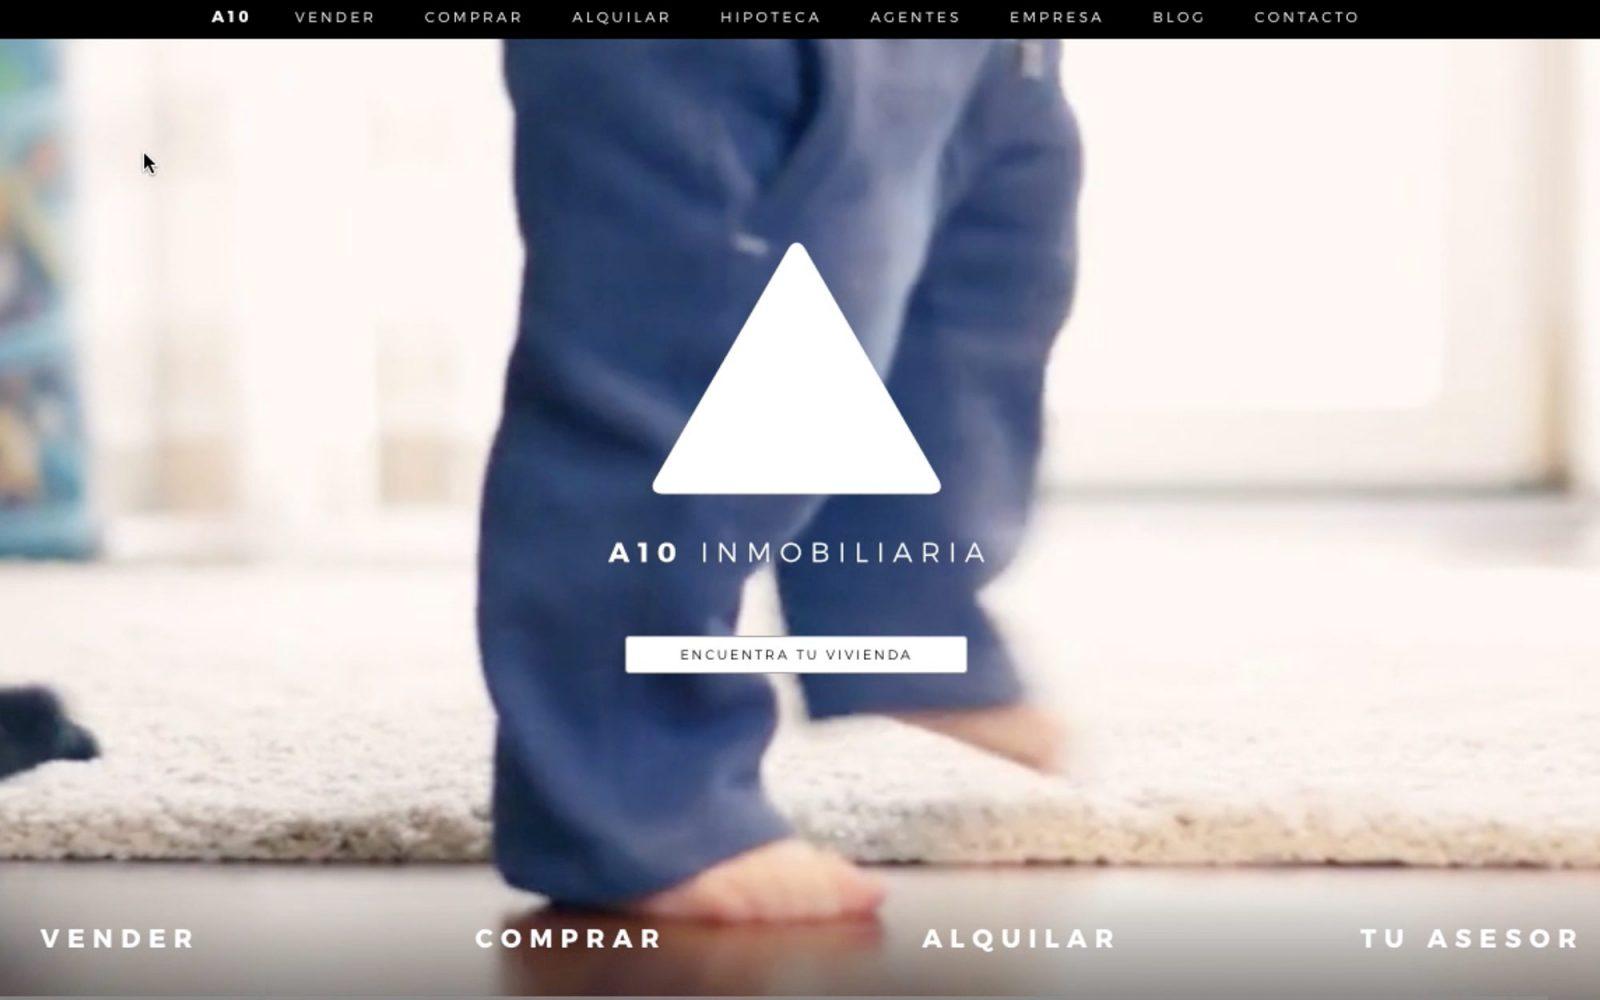 Marca y web para A10 Inmobiliaria